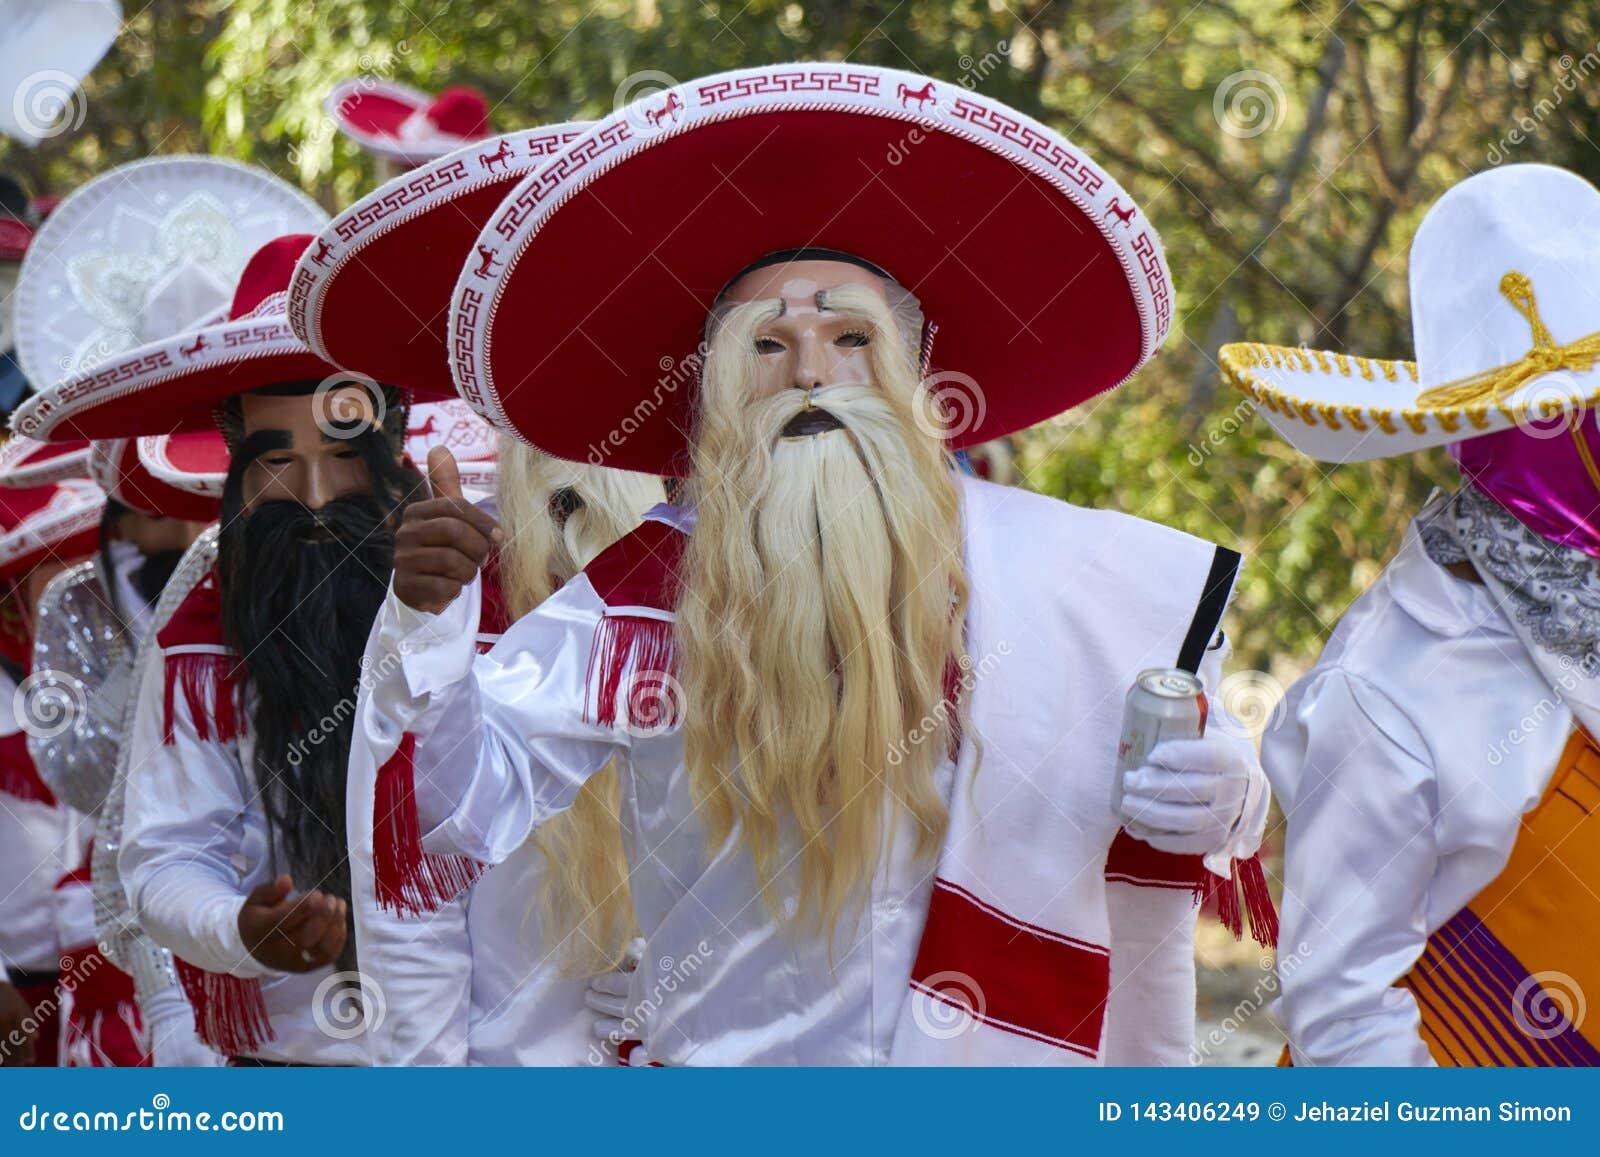 作为墨西哥charro或墨西哥流浪乐队假装的人们与一套白色衣服和面具